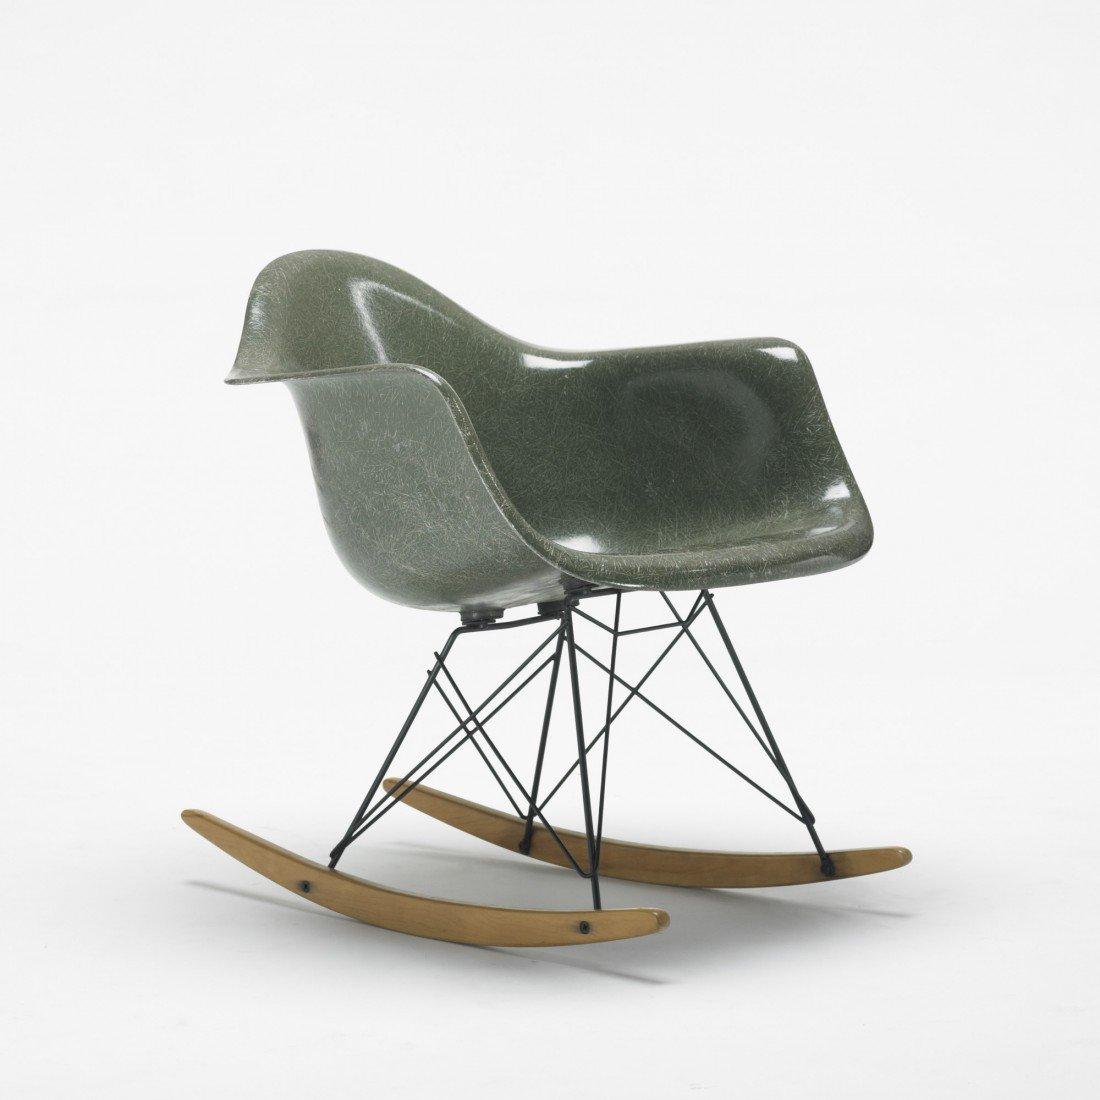 205: Charles and Ray Eames RAR